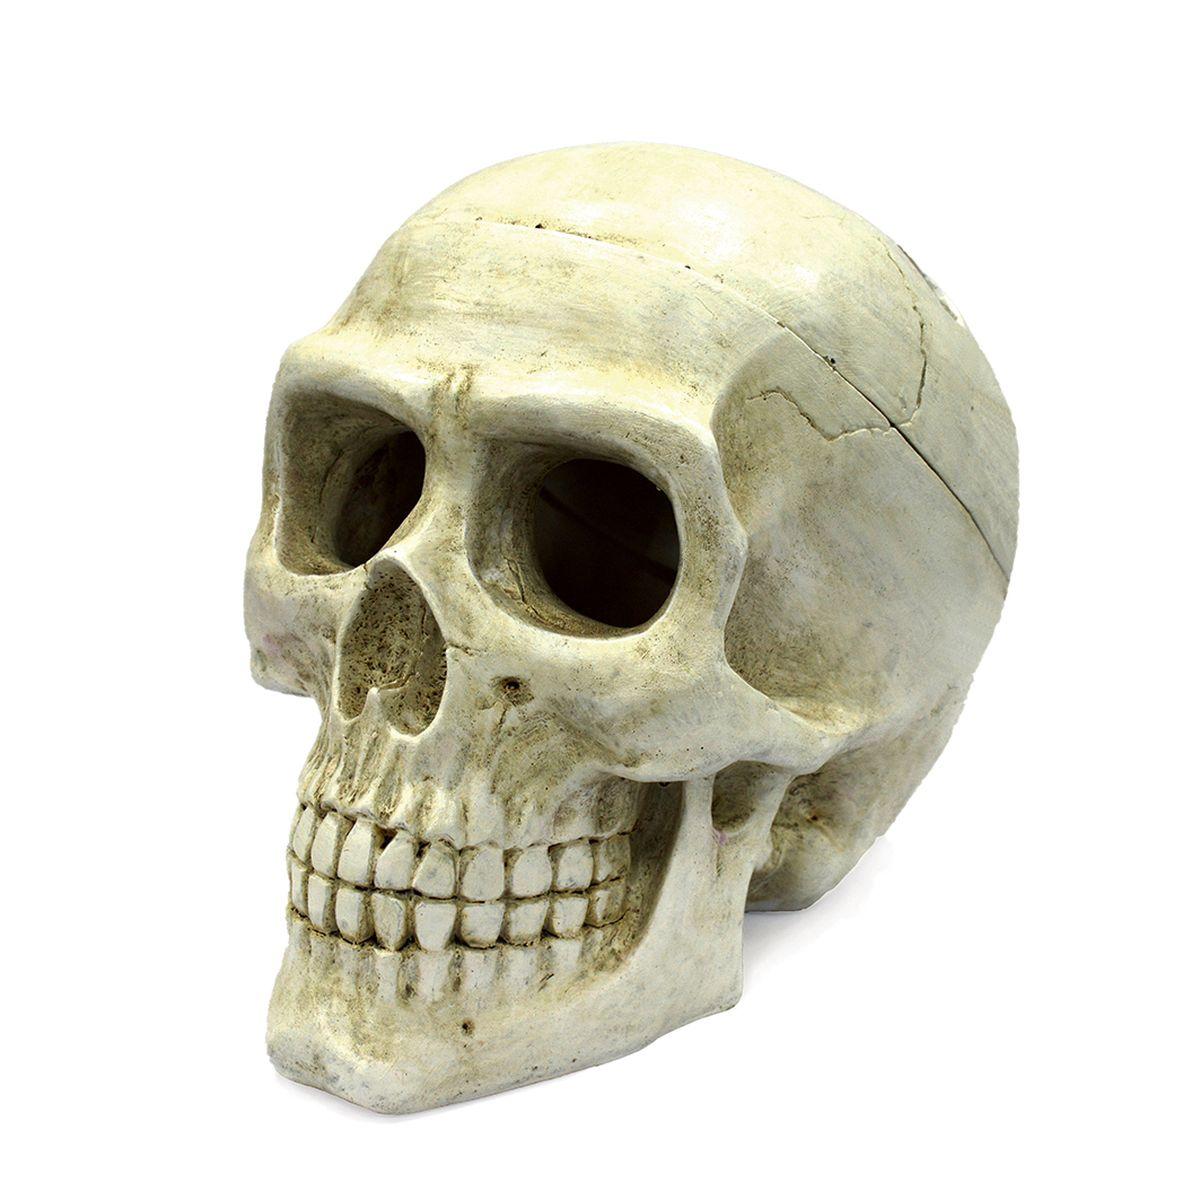 Декорация для аквариума ArtUniq Большой череп, 20 x 12,7 x 15,8 см0120710Декорация для аквариума ArtUniq Большой череп, 20 x 12,7 x 15,8 см